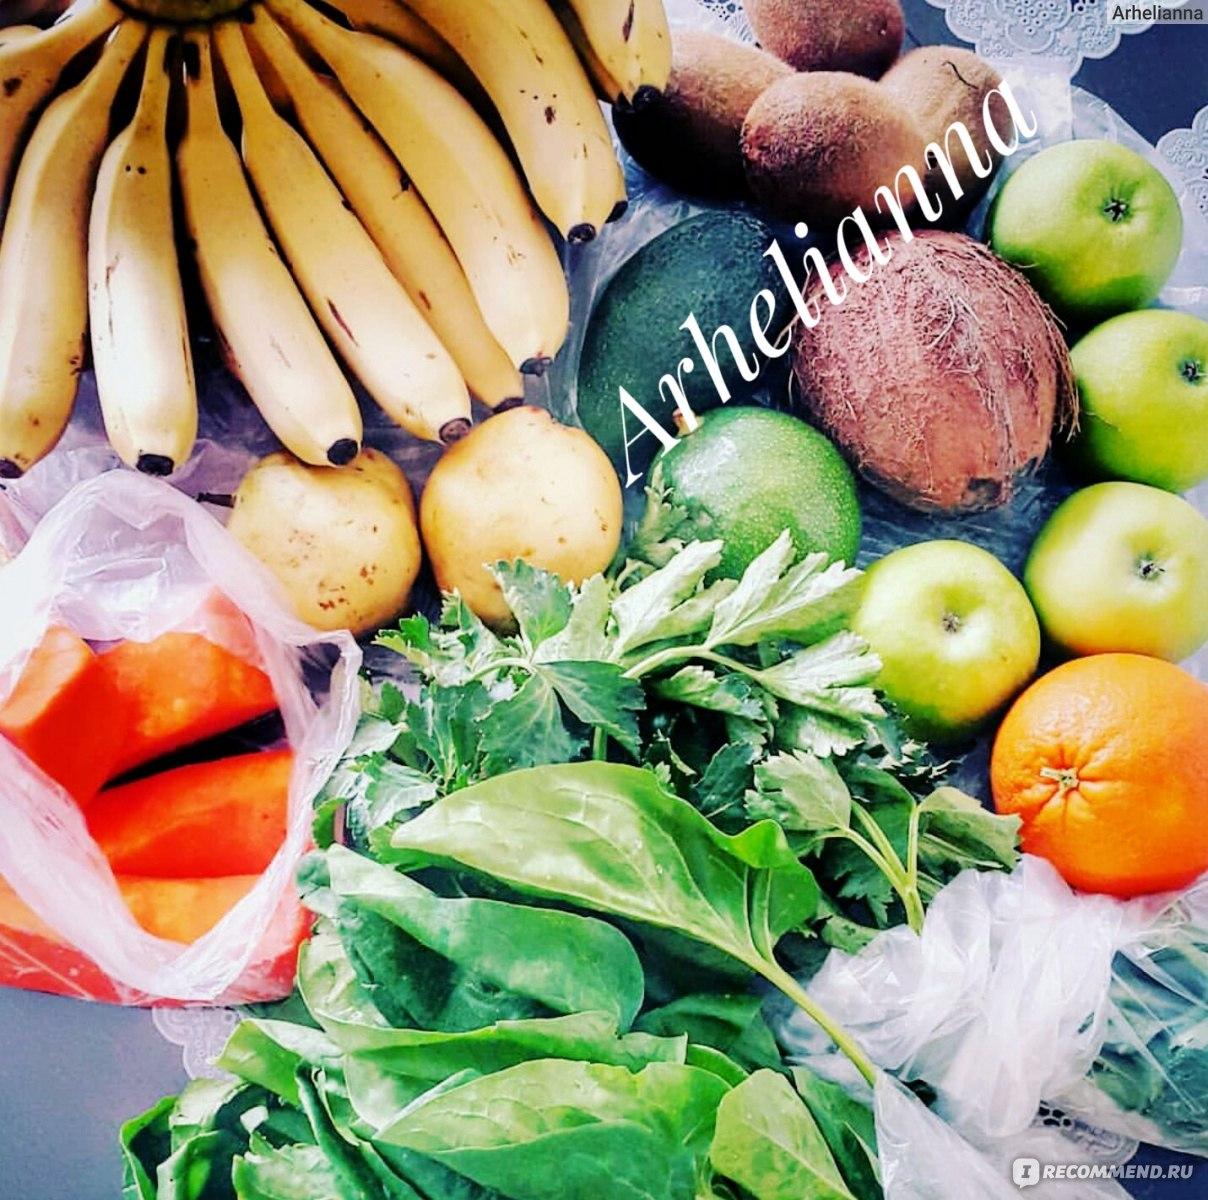 Кефирная диета для похудения и очищения организма на 21 день: как правильно питаться, чтобы похудеть